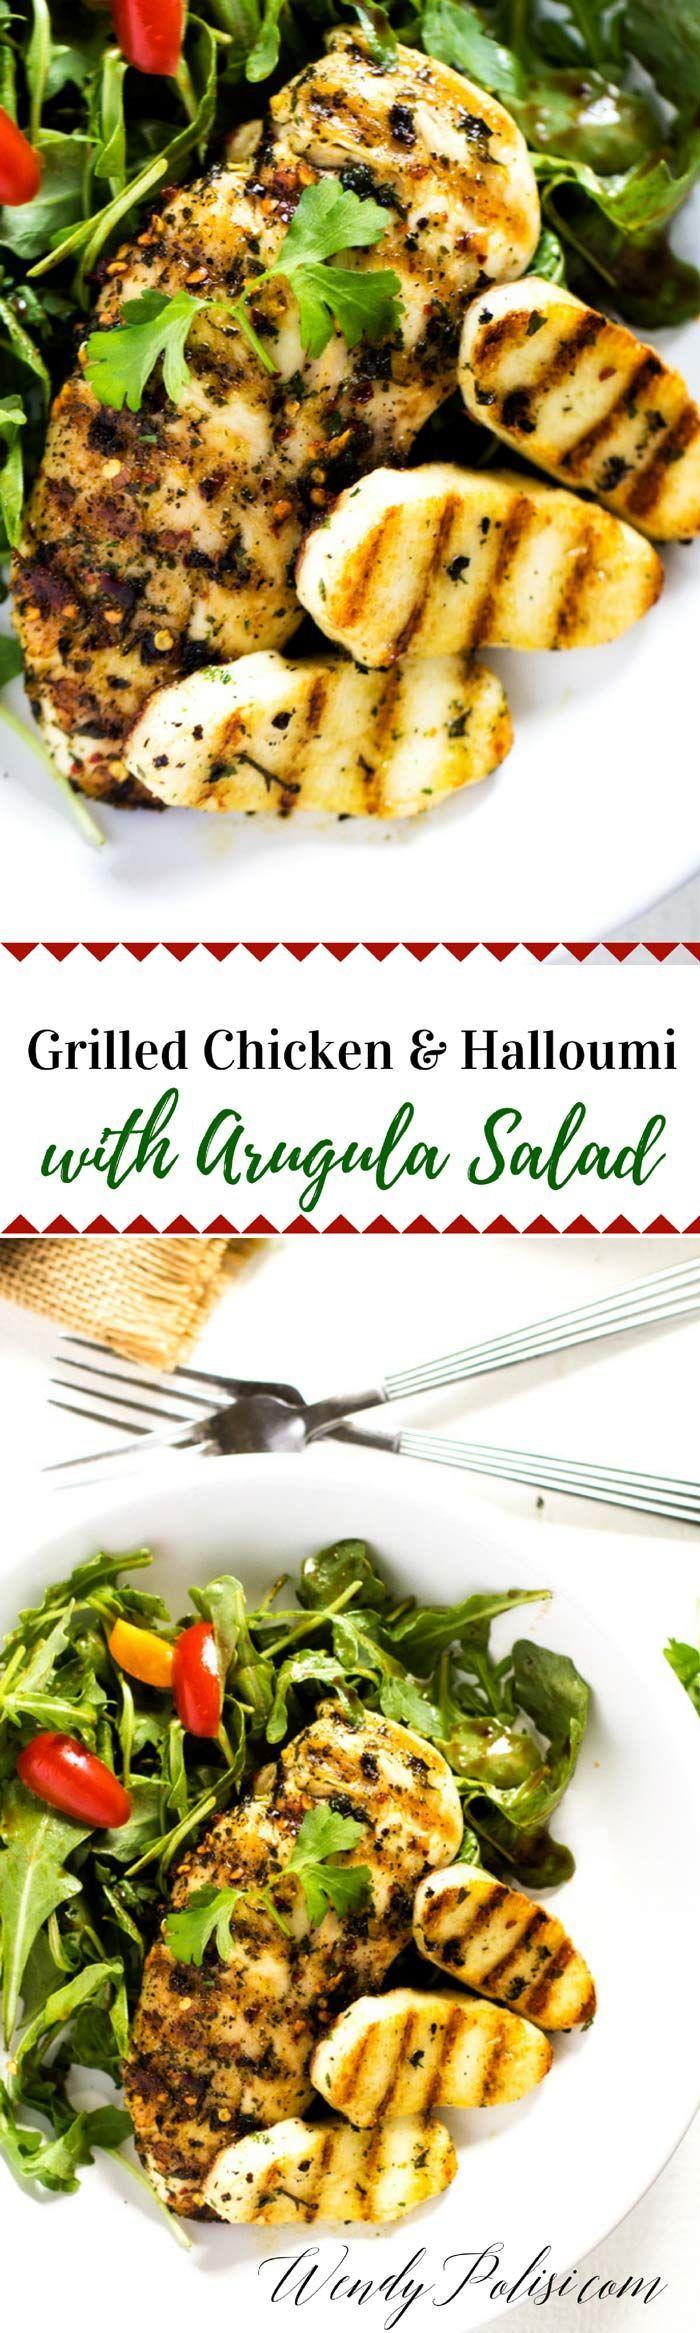 Chicken And Halloumi Salad With Arugula Wendy Polisi Recipe Delicious Healthy Recipes Chicken And Halloumi Healthy Chicken Recipes